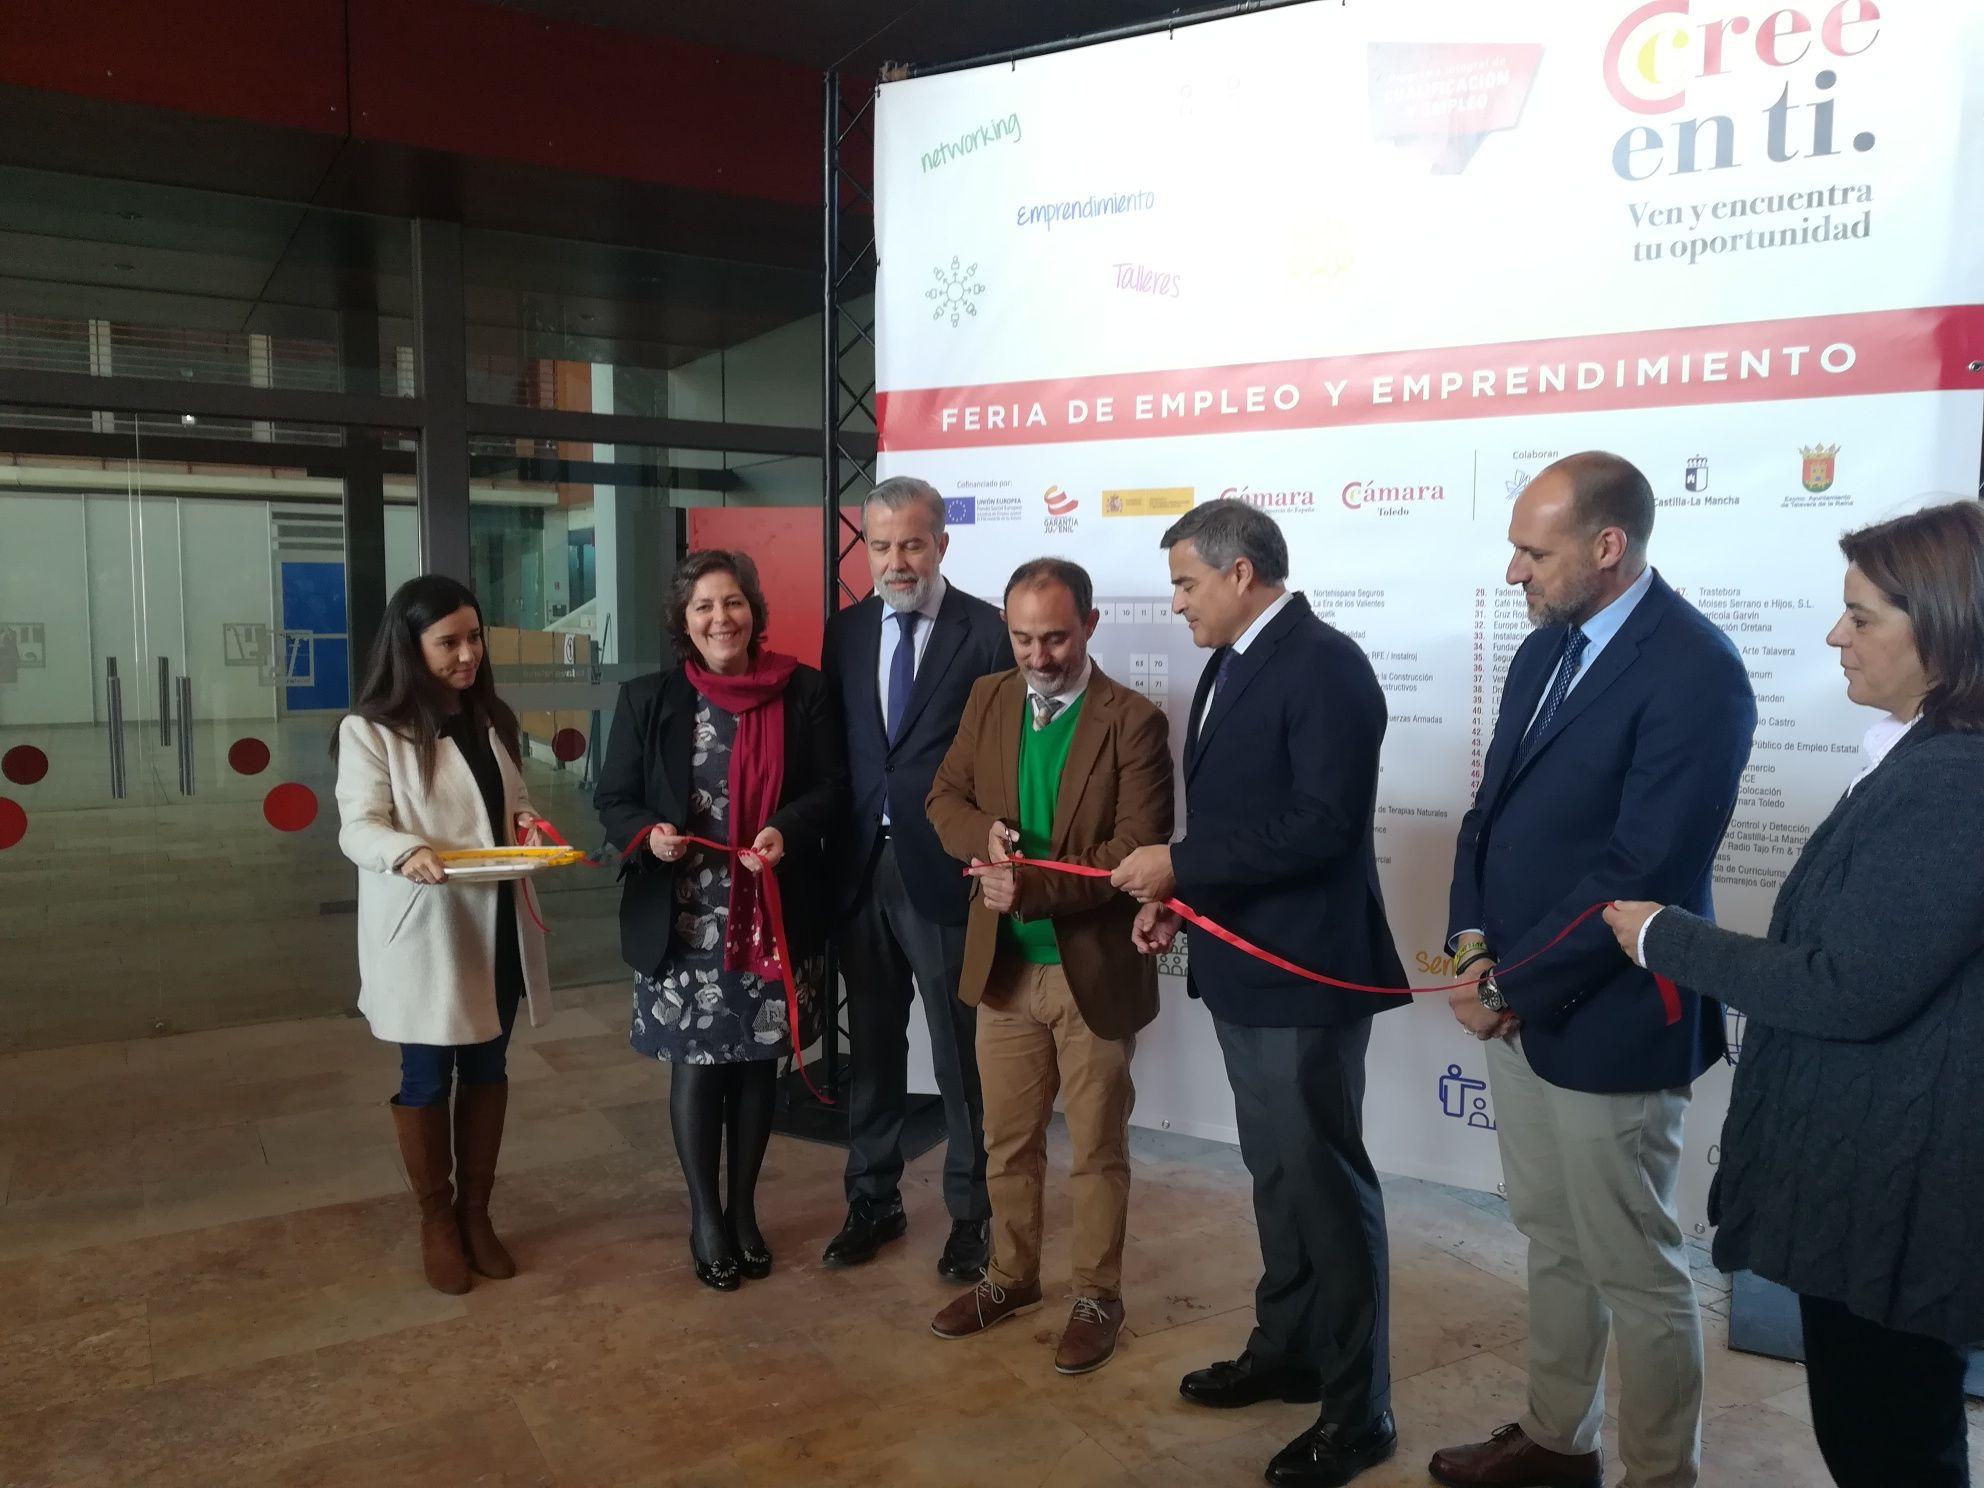 """La IV """"Feria de Empleo y Emprendimiento"""" de Talavera de la Reina supera sus previsiones con más de 1.500 asistentes"""